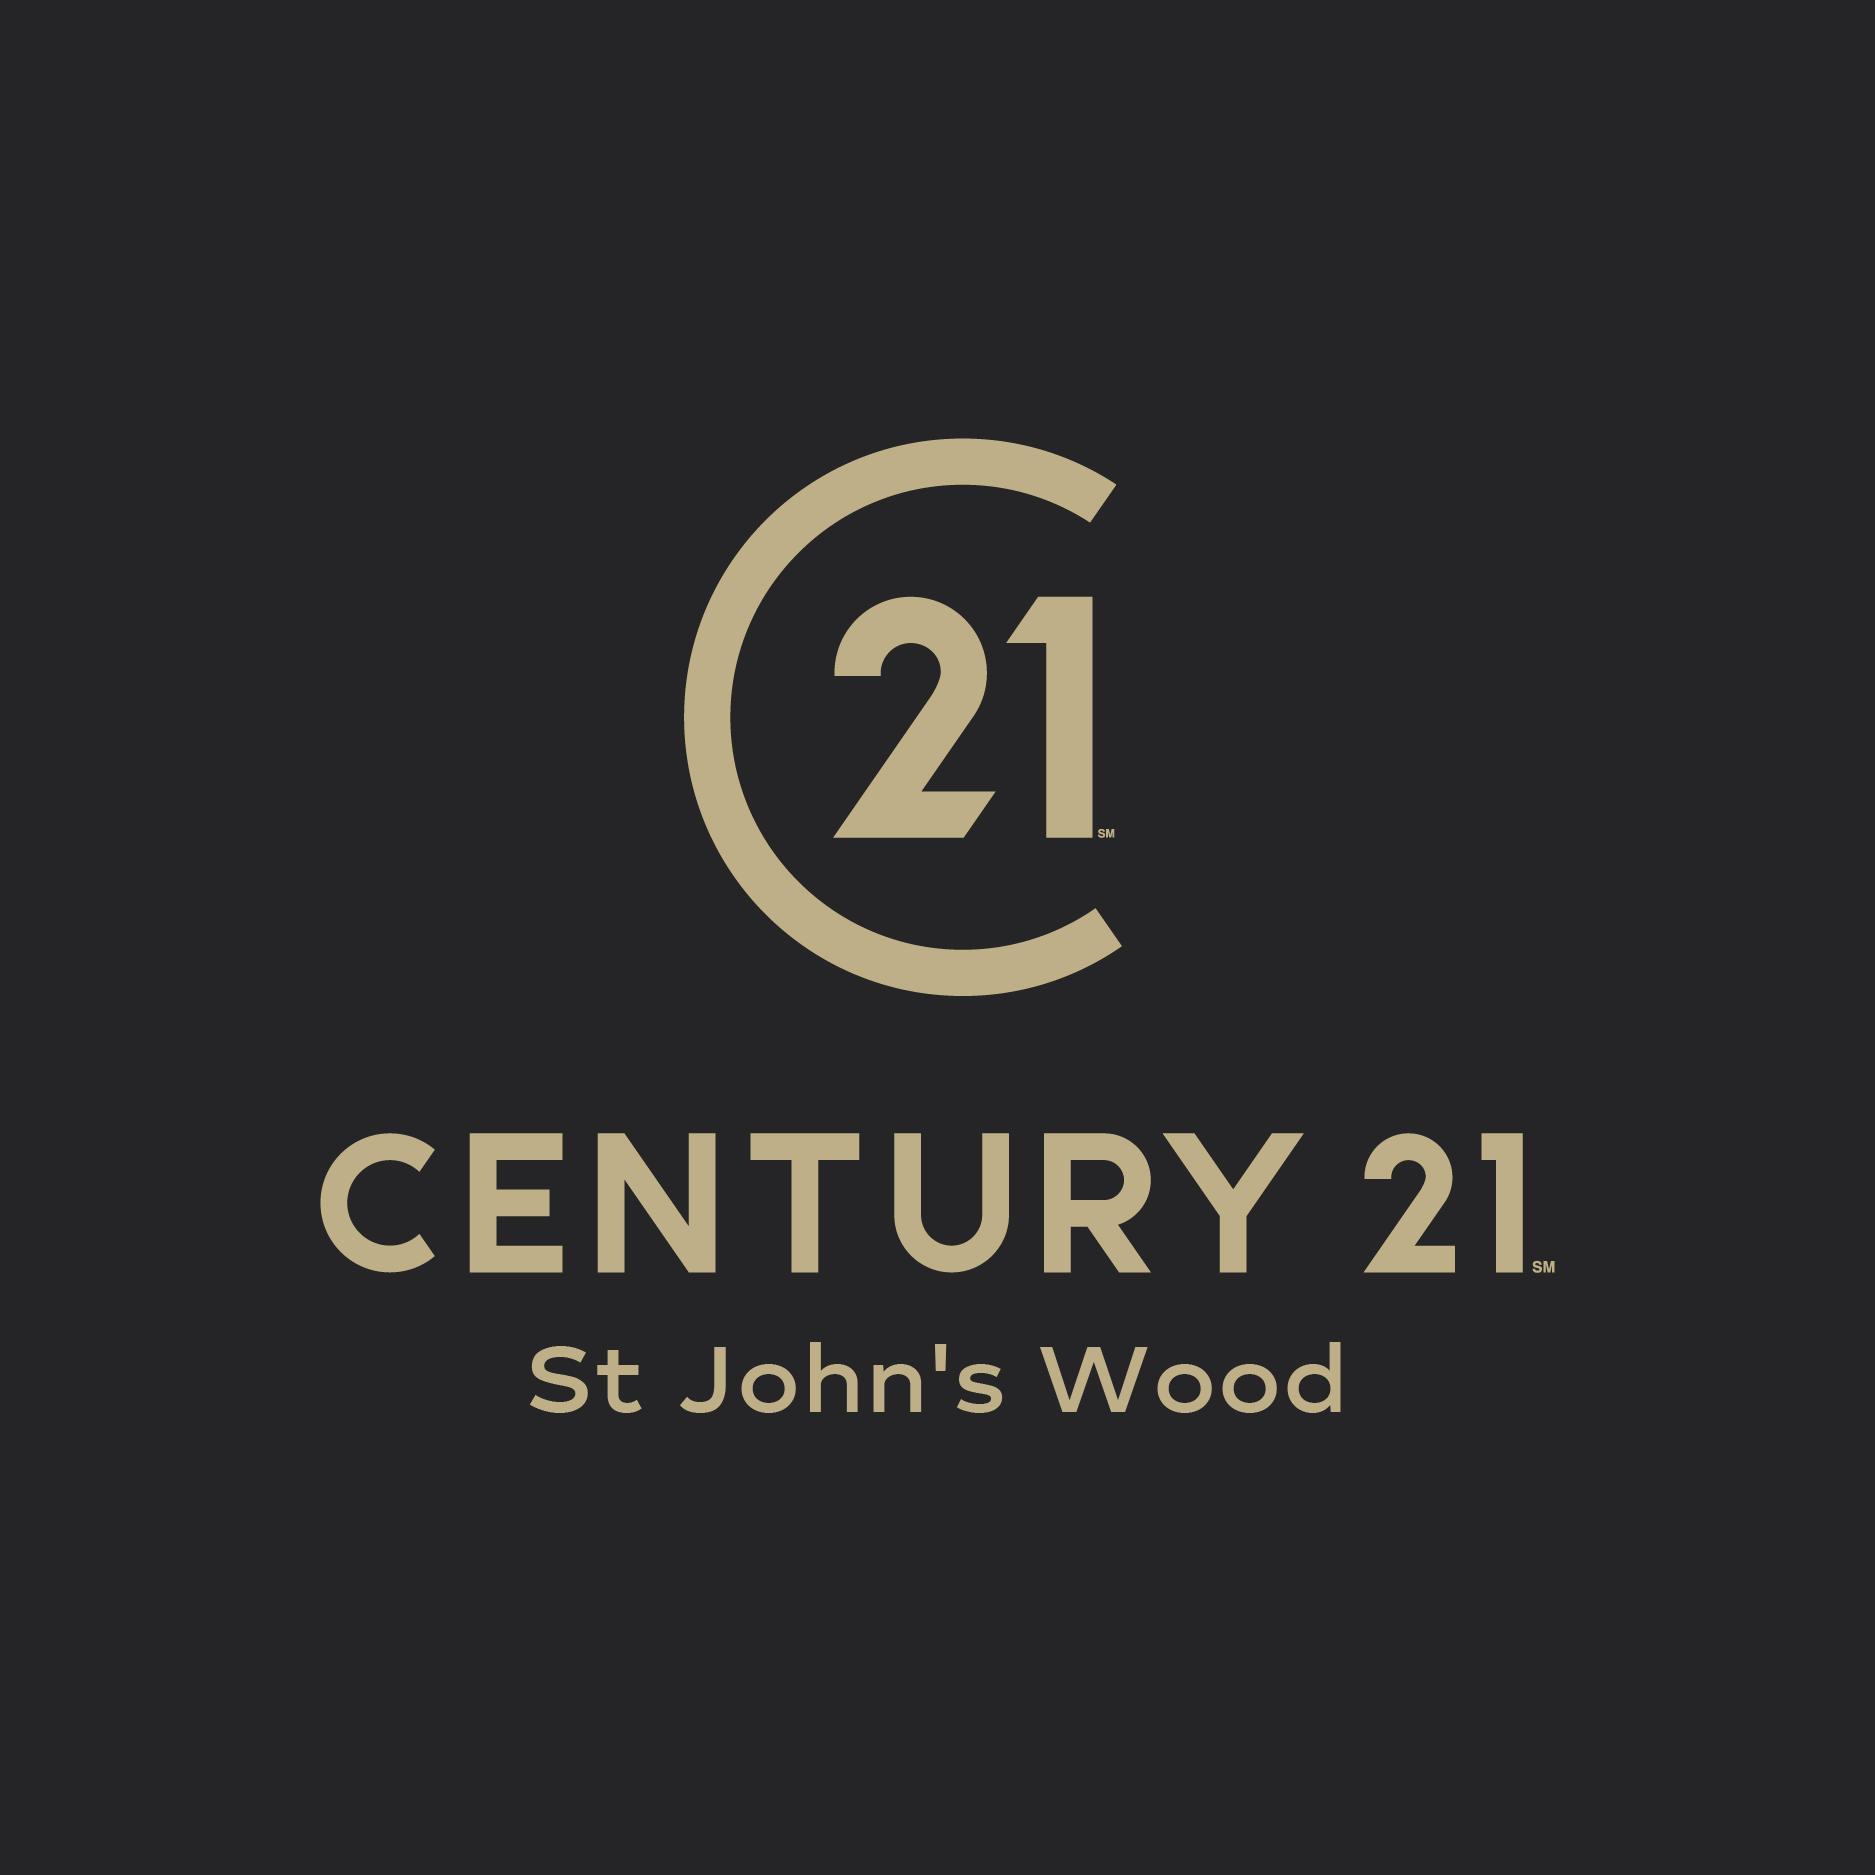 Century 21 - St John's Wood